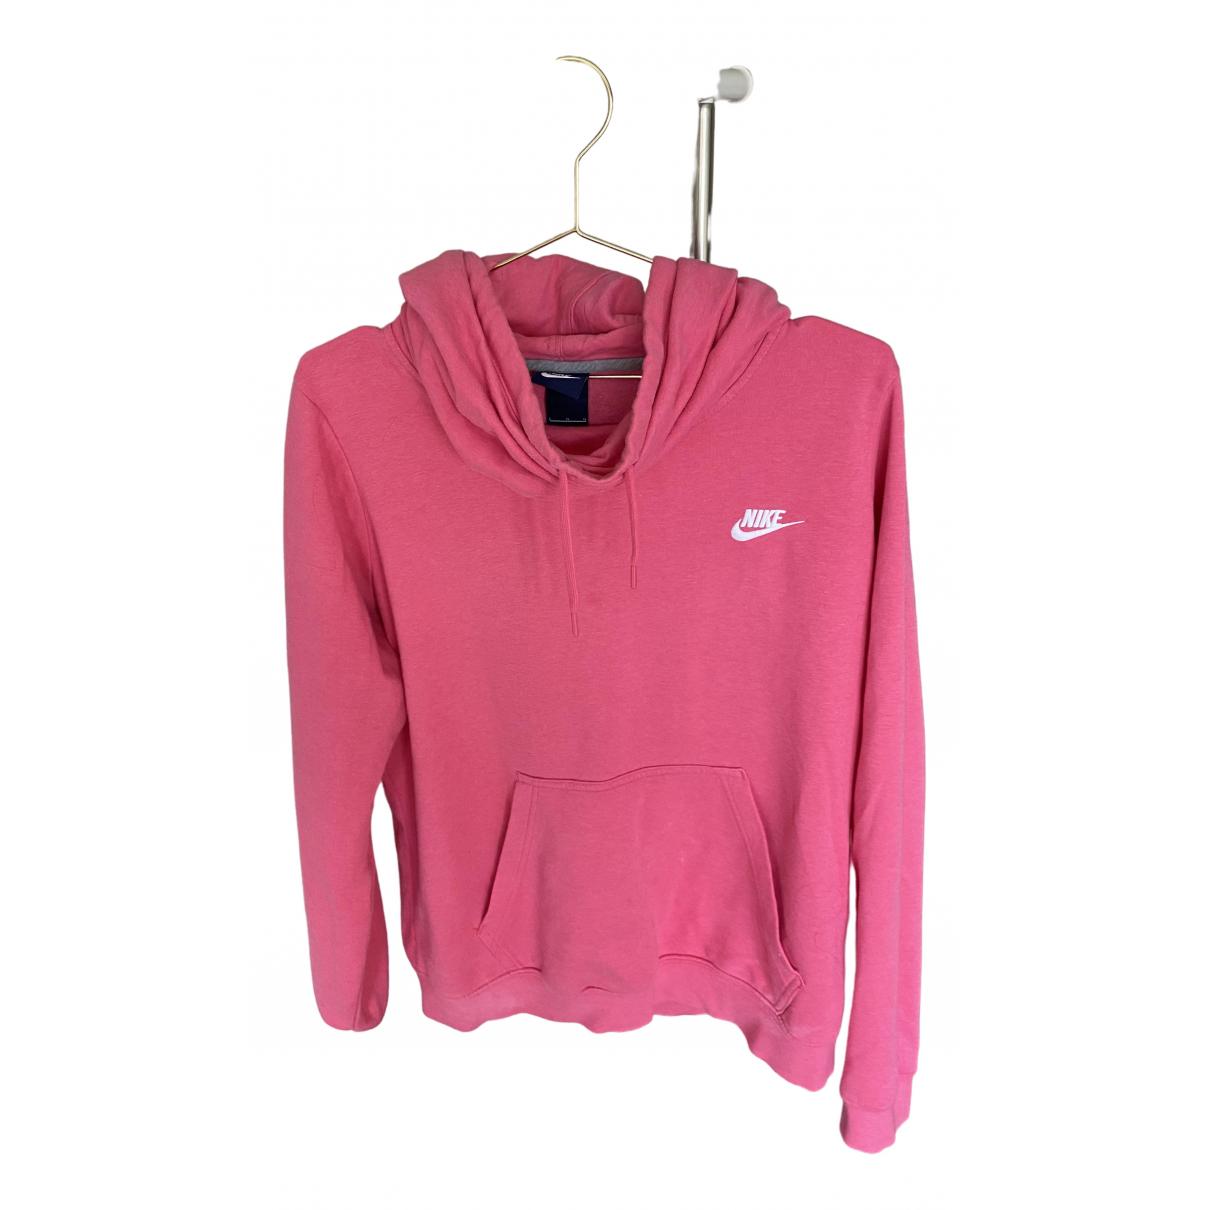 Nike \N Top in  Rosa Baumwolle